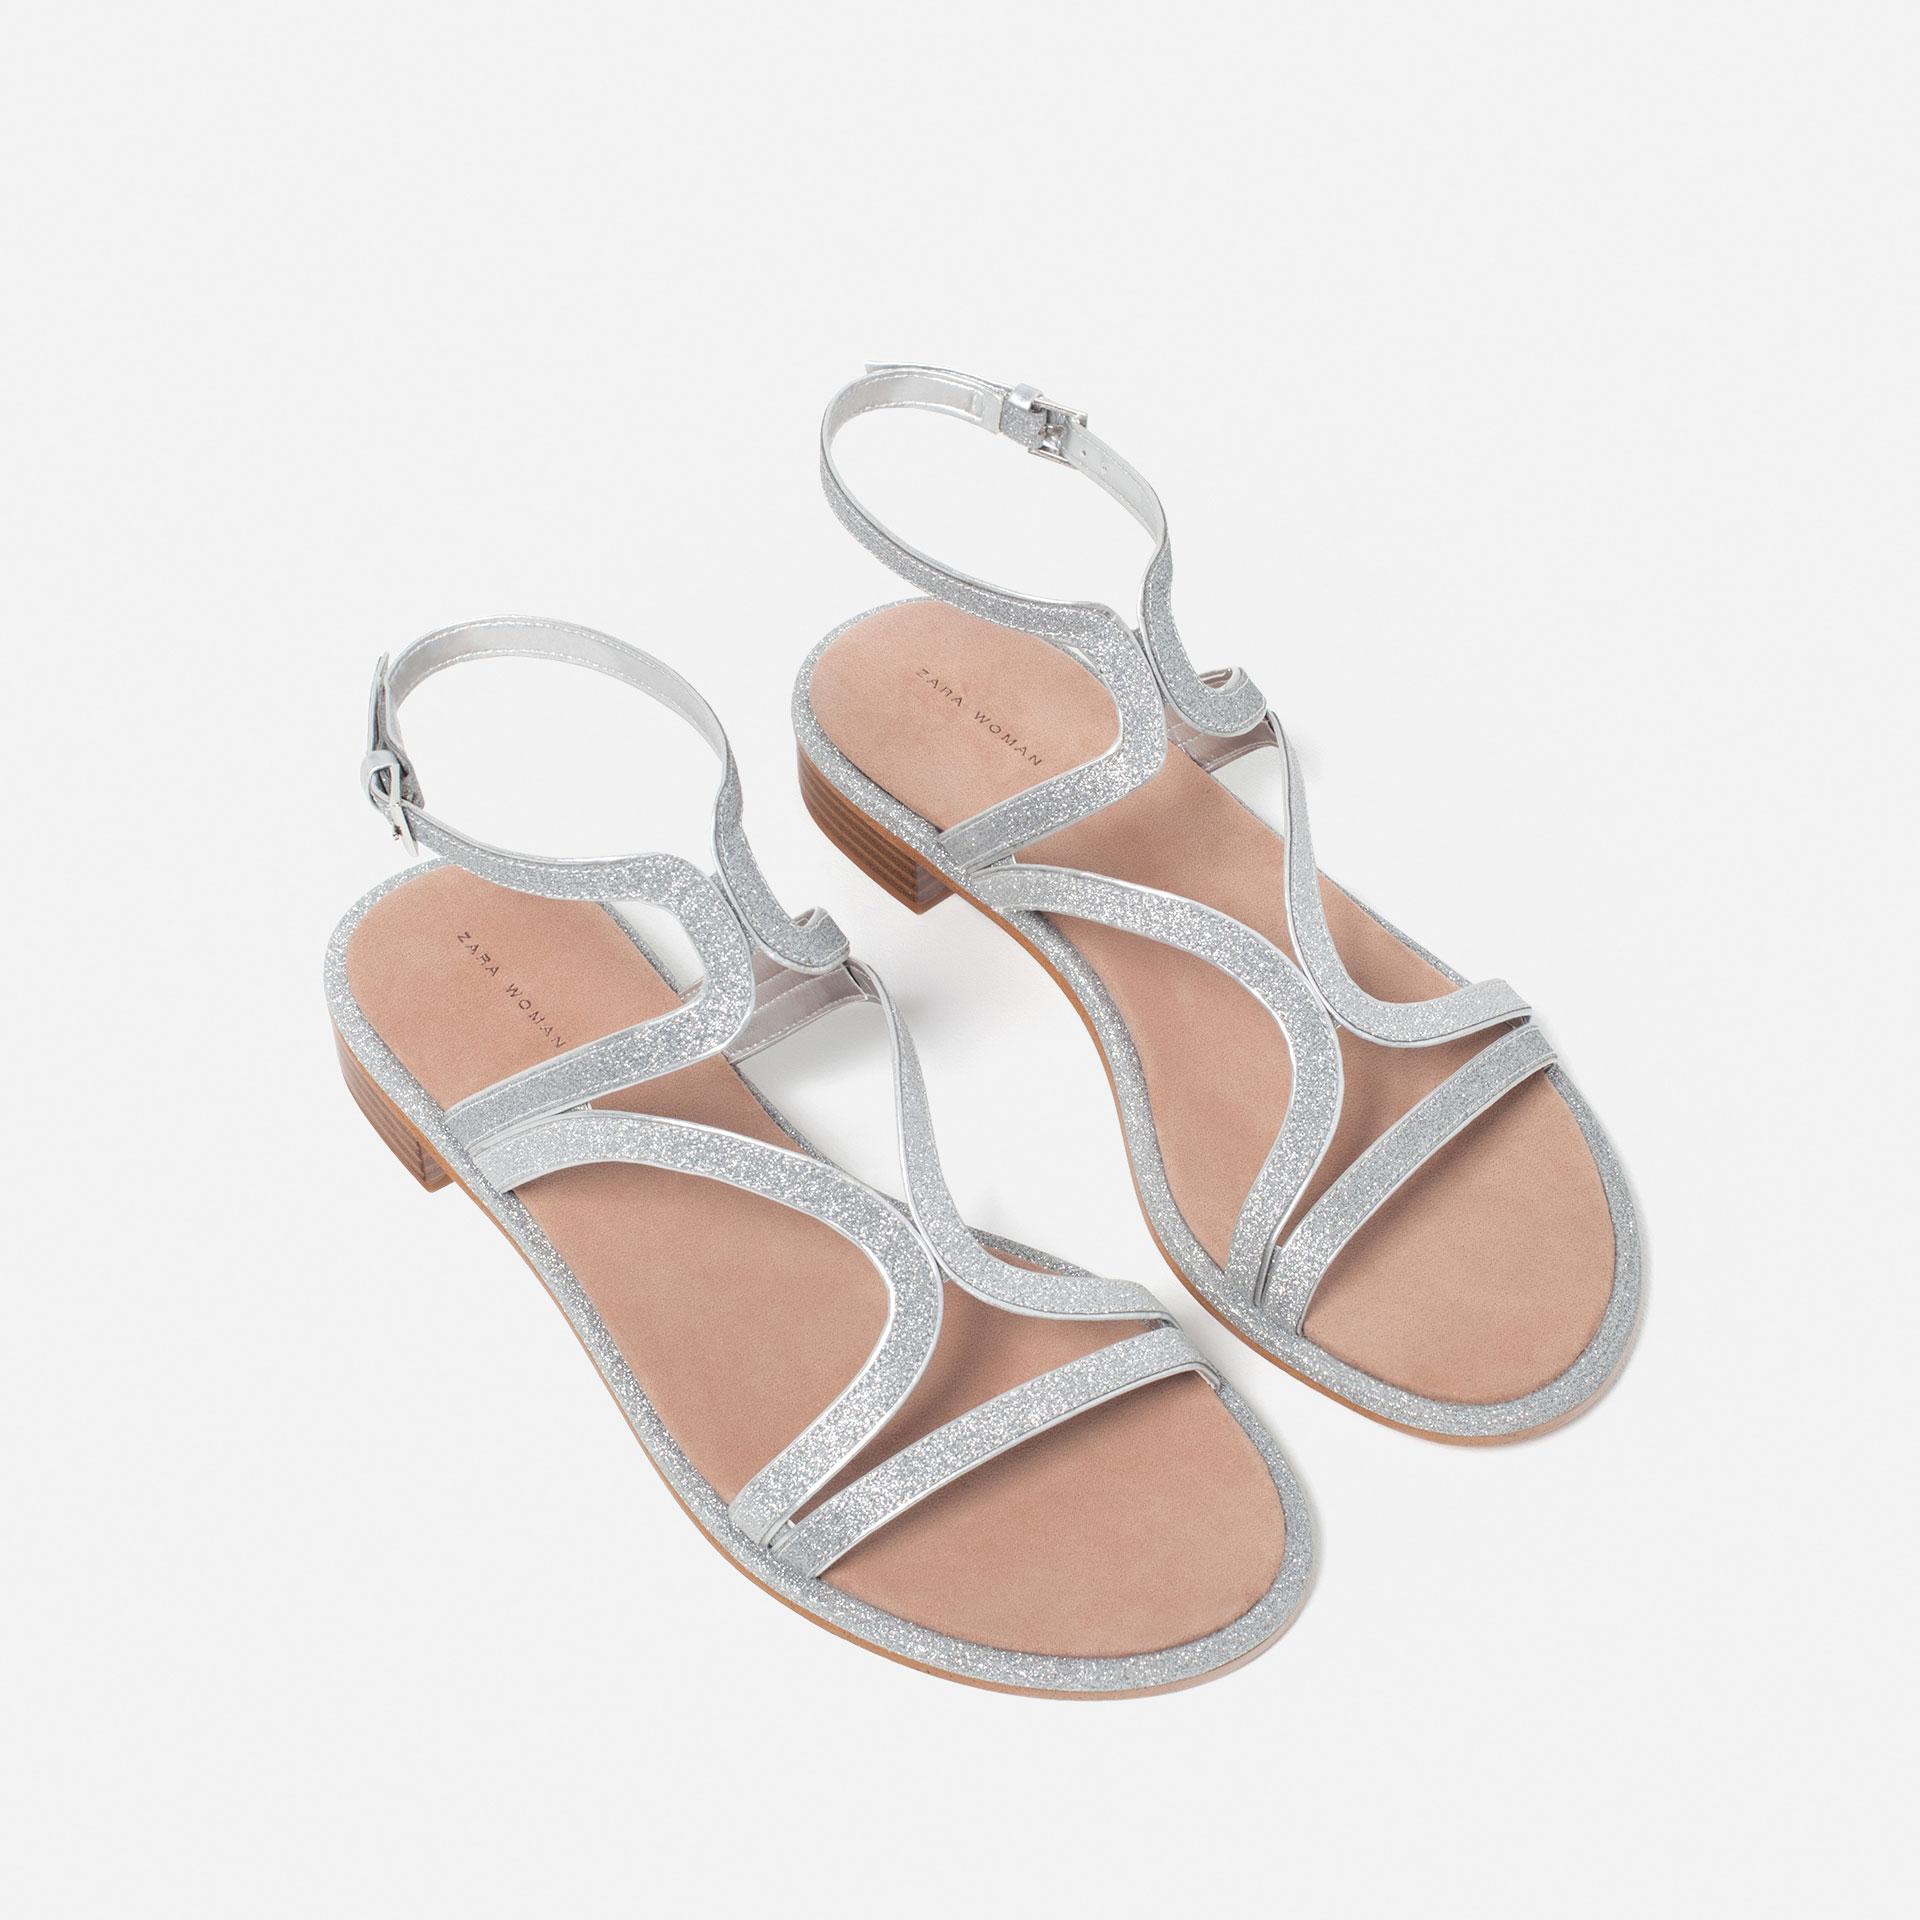 Zara sandales.jpg